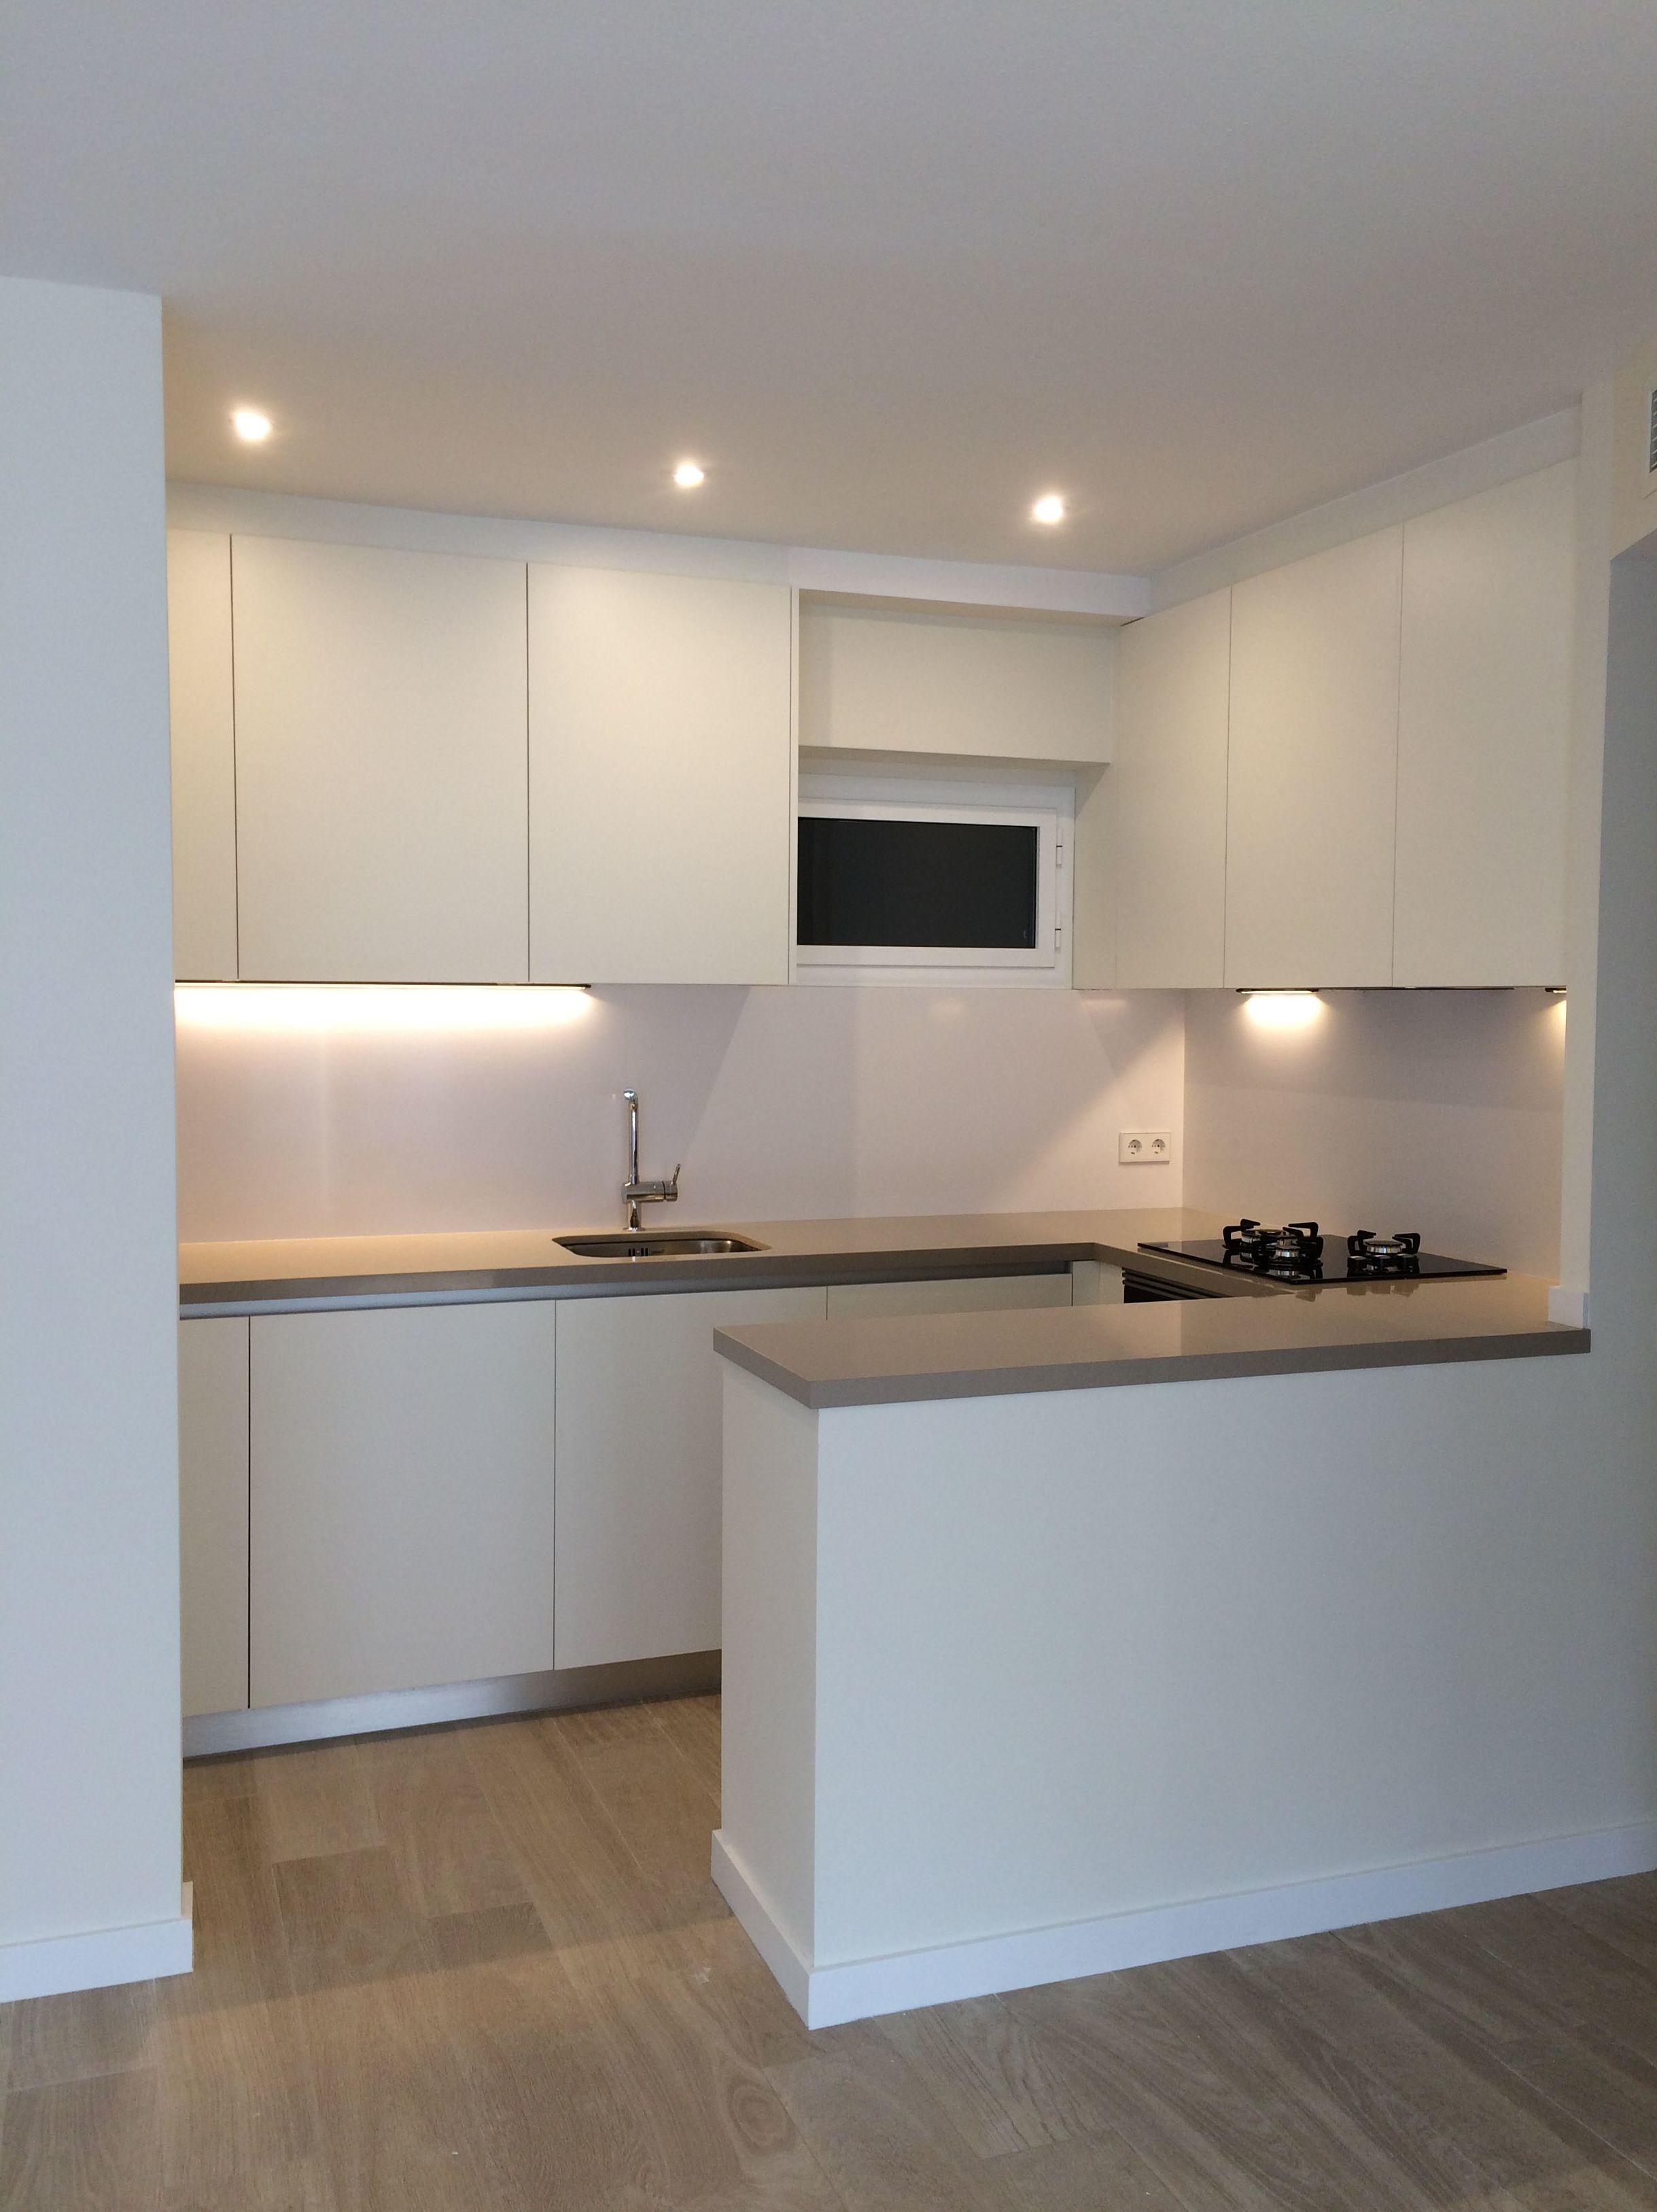 Reforma de cocina y sal n comedor servicios y productos de instal lacions davelor - Salon comedor cocina ...